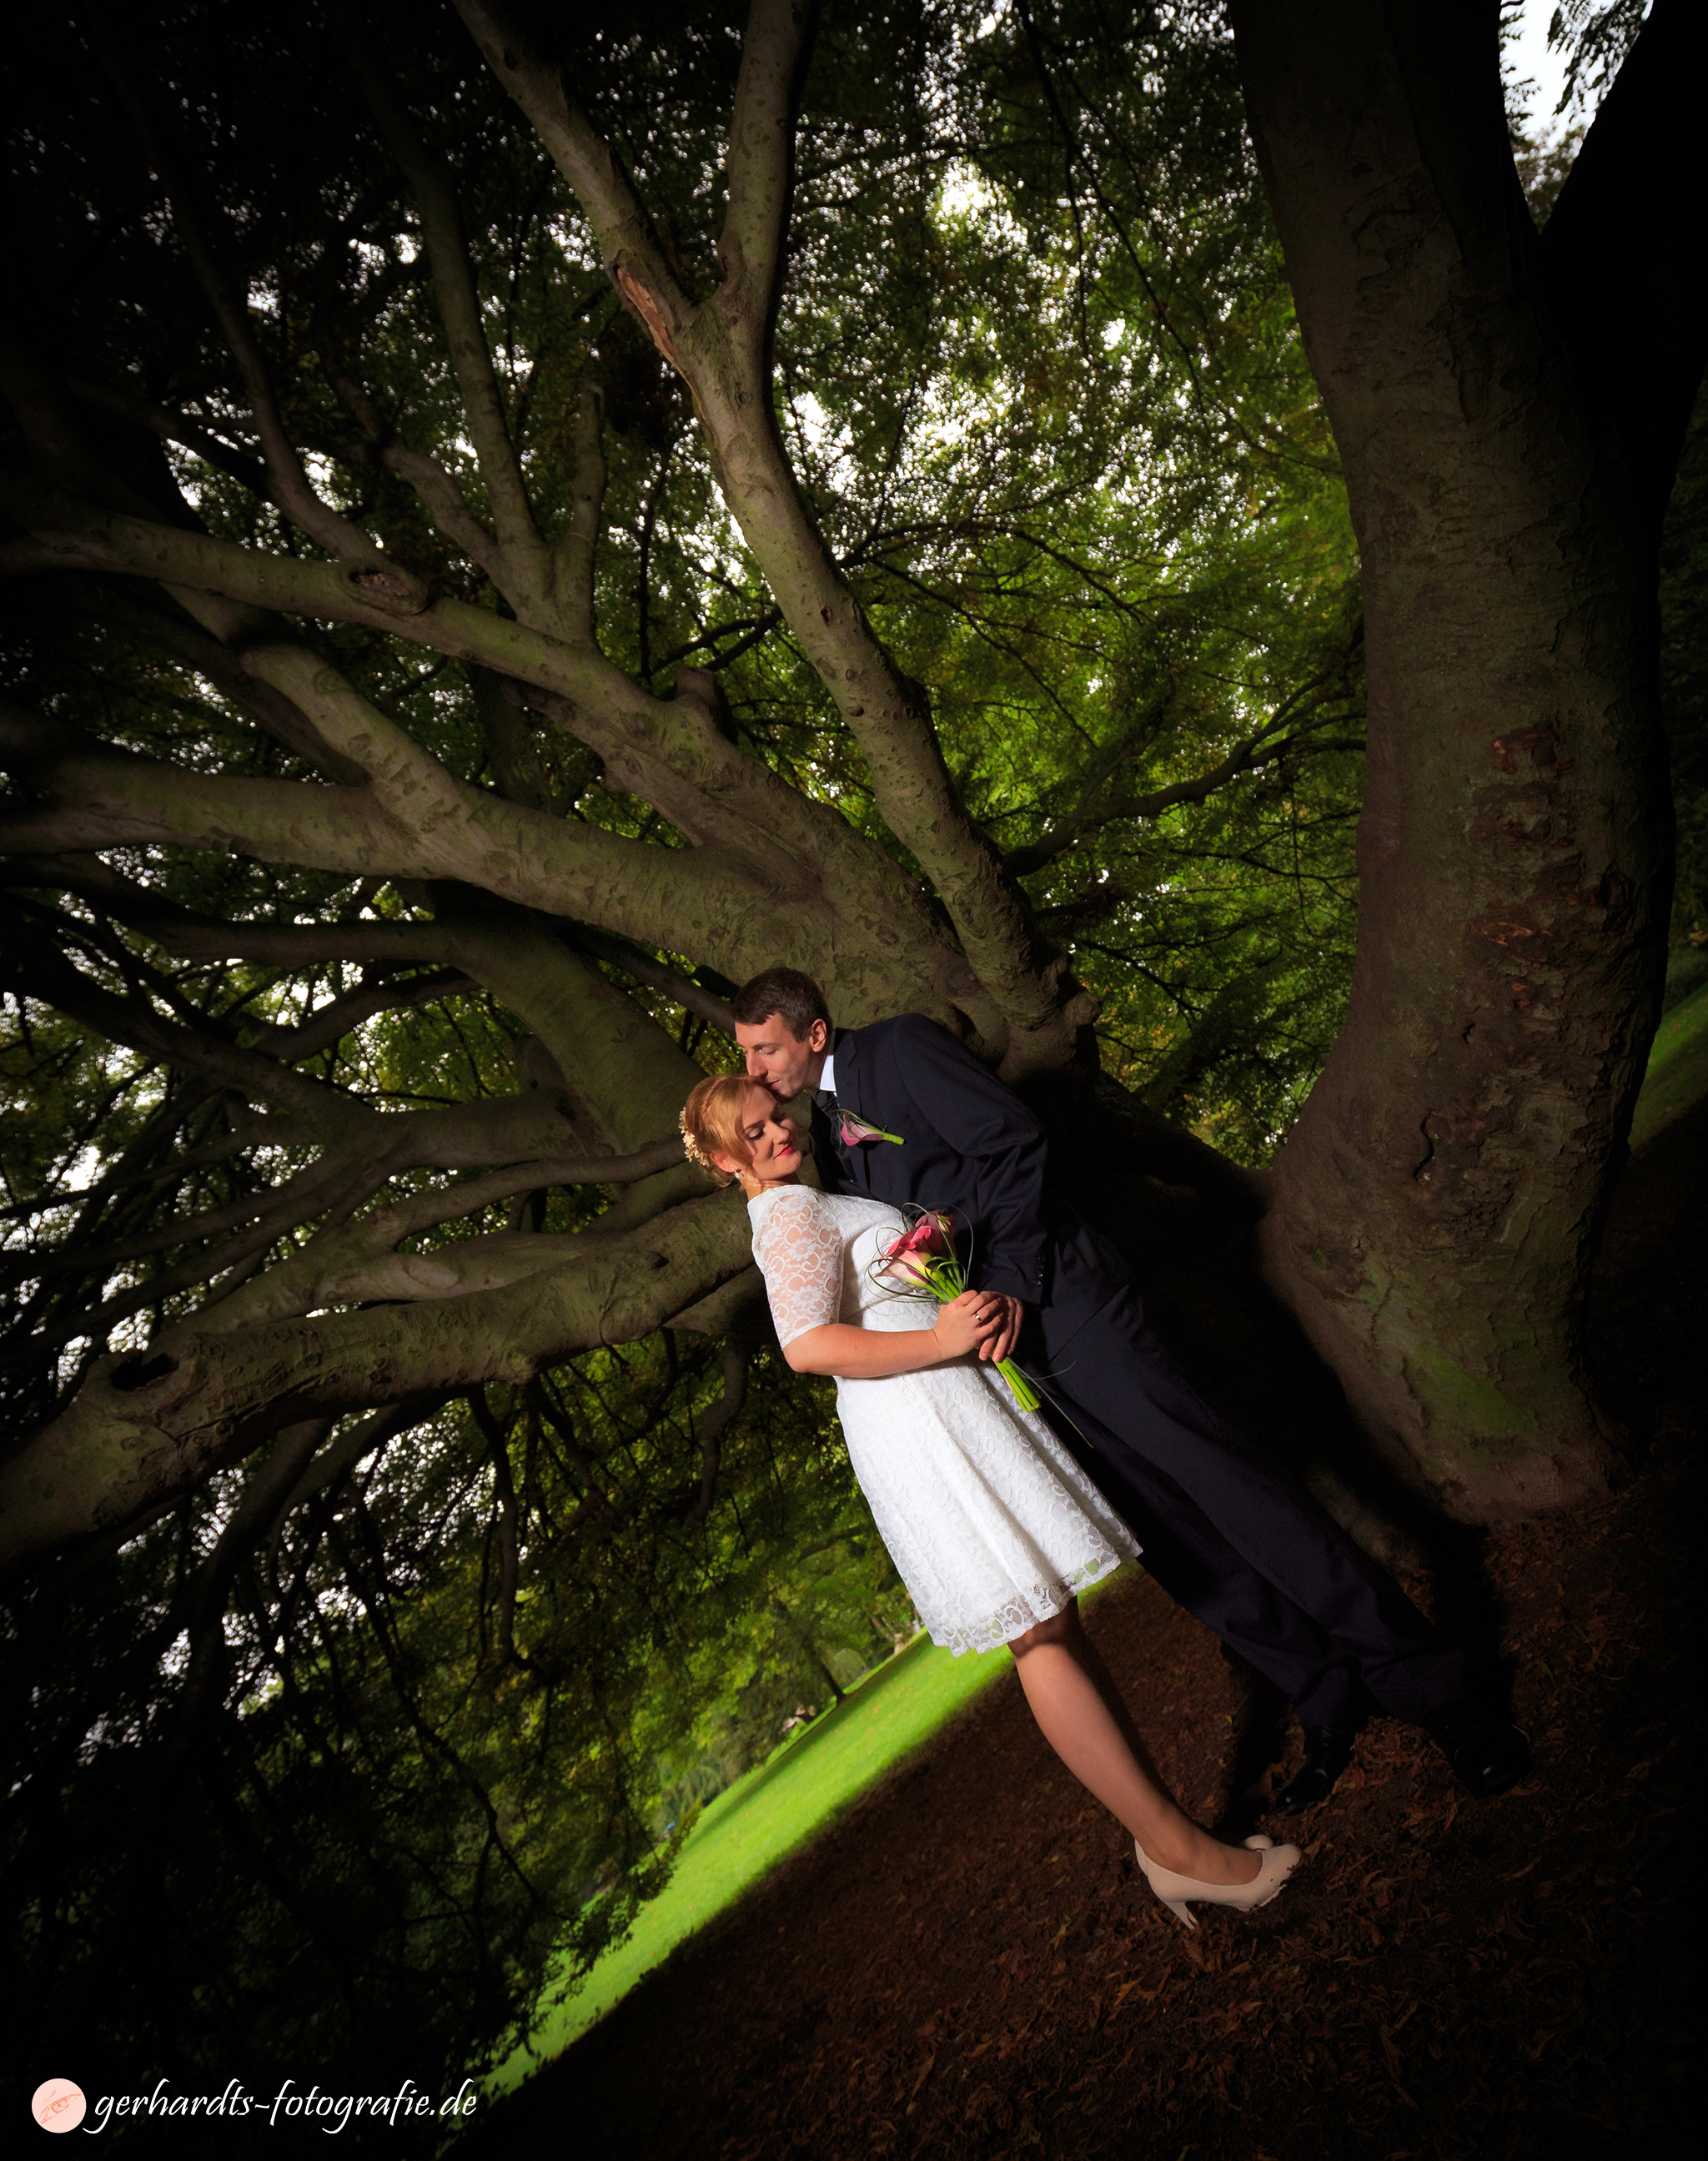 Hochzeitsfotos Liisa & Markus 6 Hochzeitsfotograf Göttingen